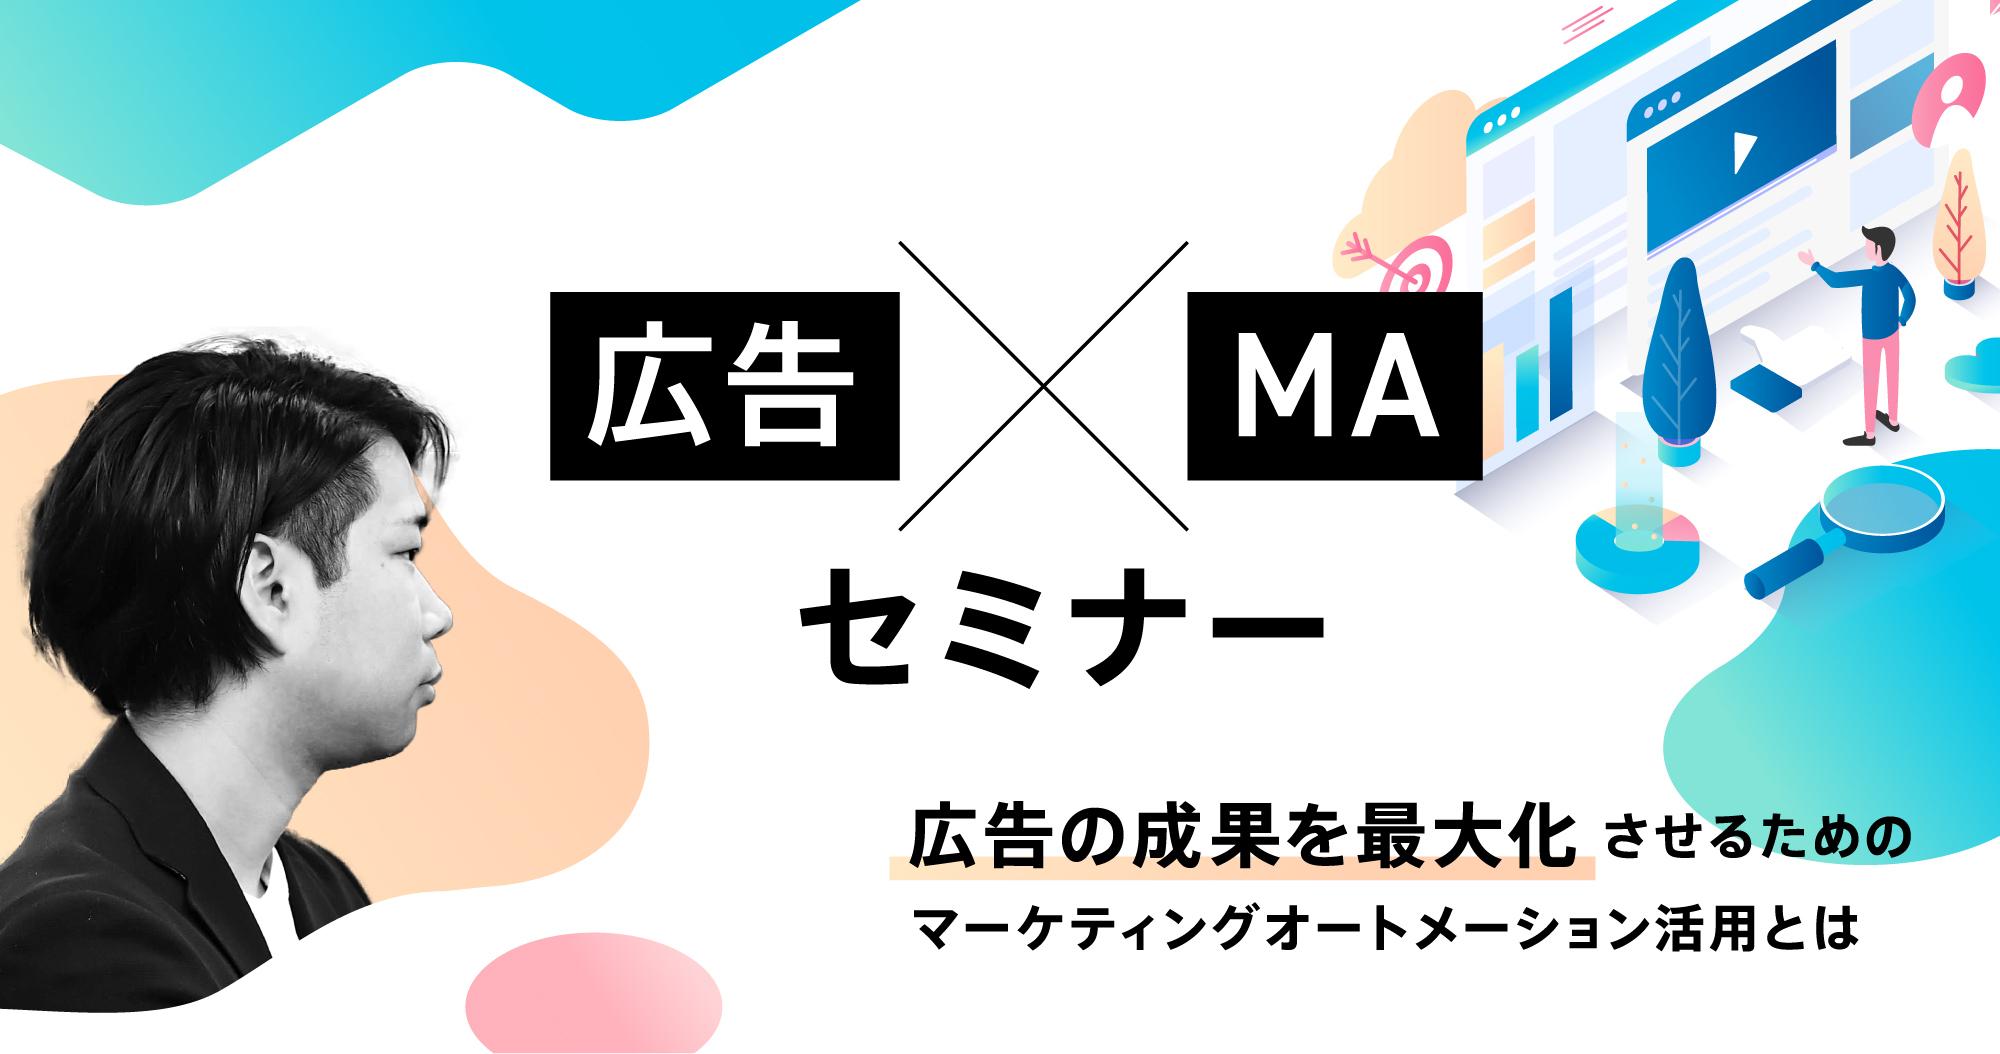 【4月22日(木)】[広告×MAセミナー]広告の成果を最大化させるためのマーケテイングオートメーション活用とは